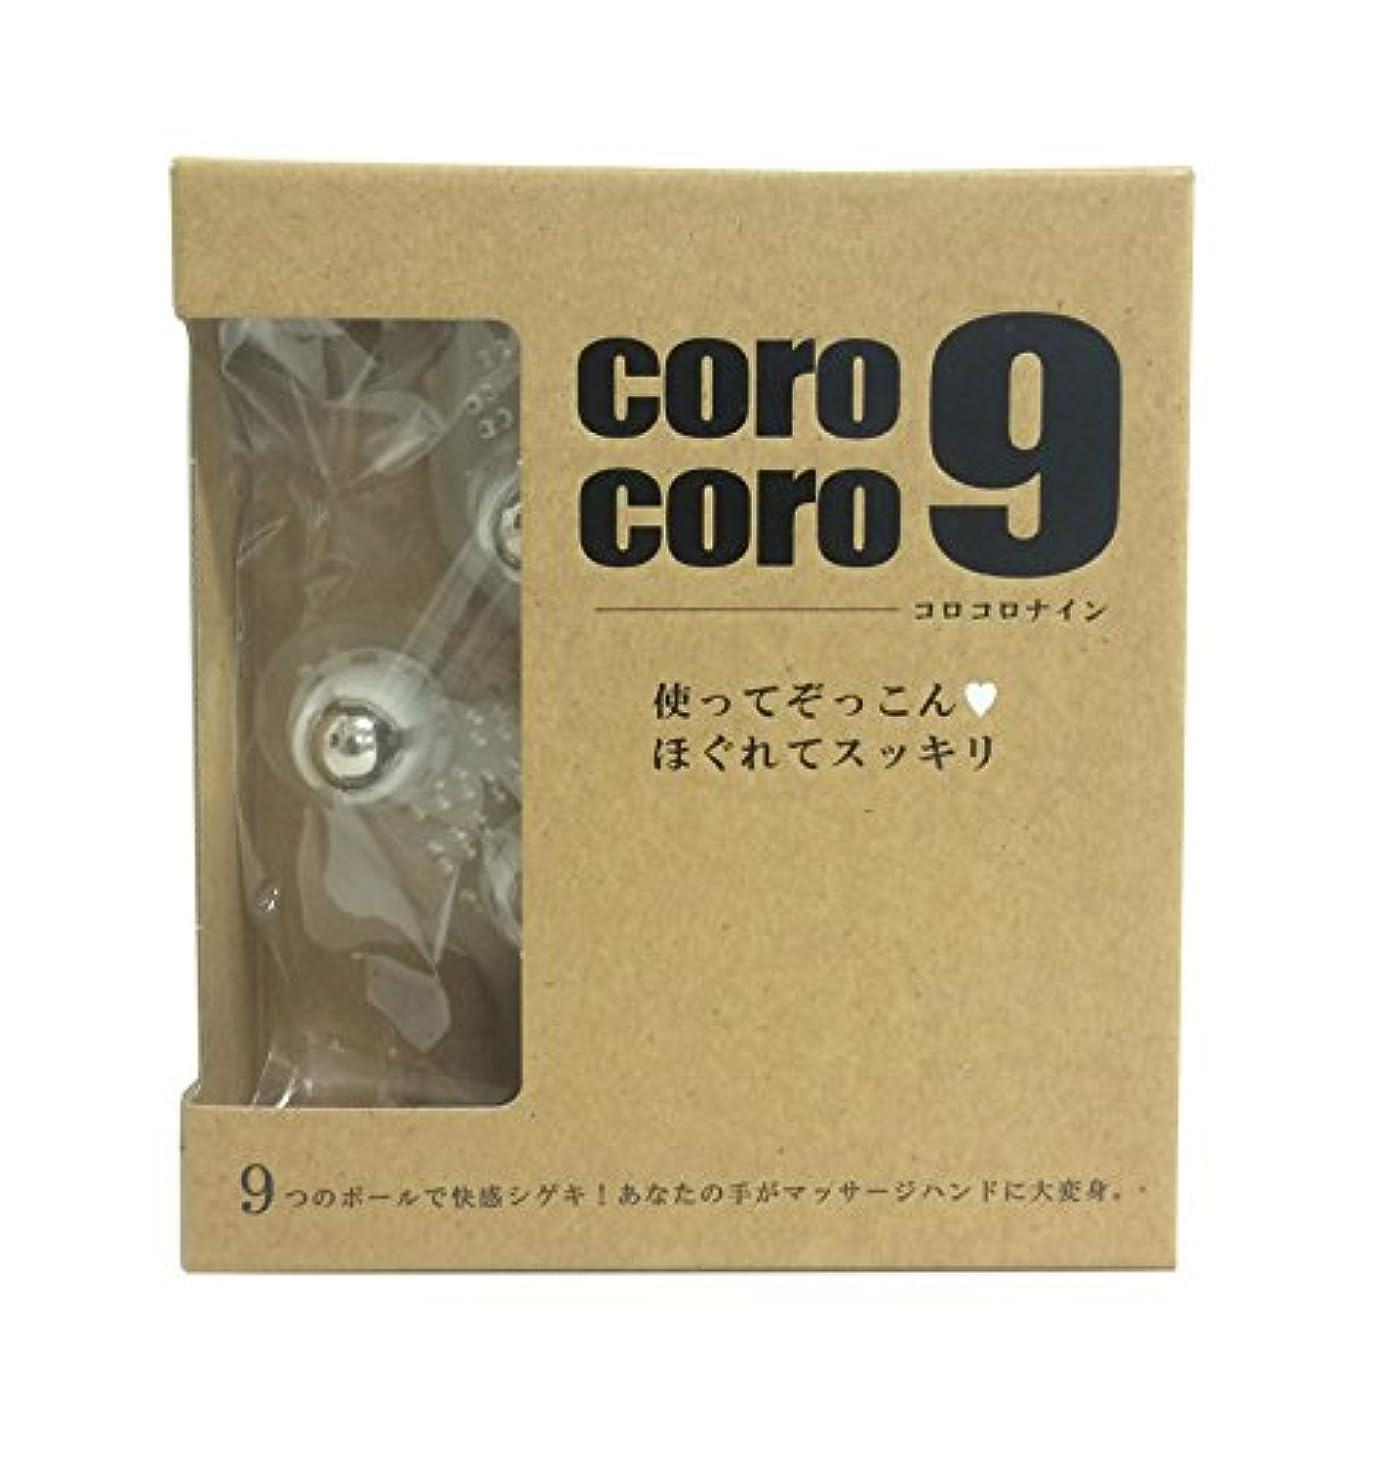 不機嫌そうな解釈する突っ込むReシリーズ CoroCoro9 クリア